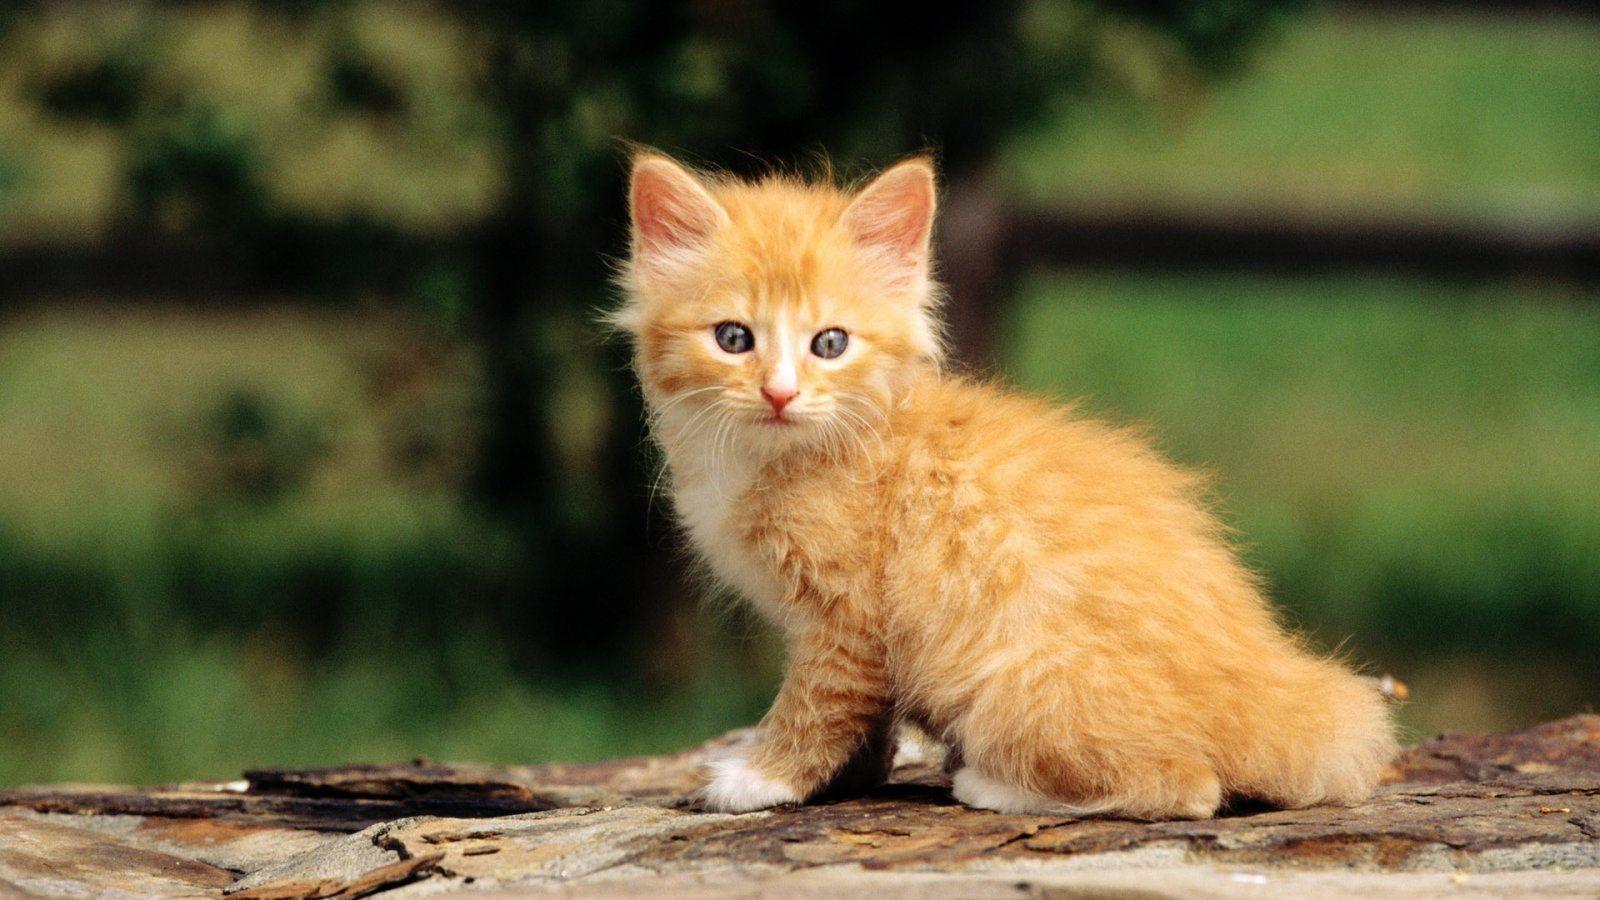 Te encuentras por la calle un gatito abandonado y nadie da señales de que sea suyo. ¿Cómo reaccionas?